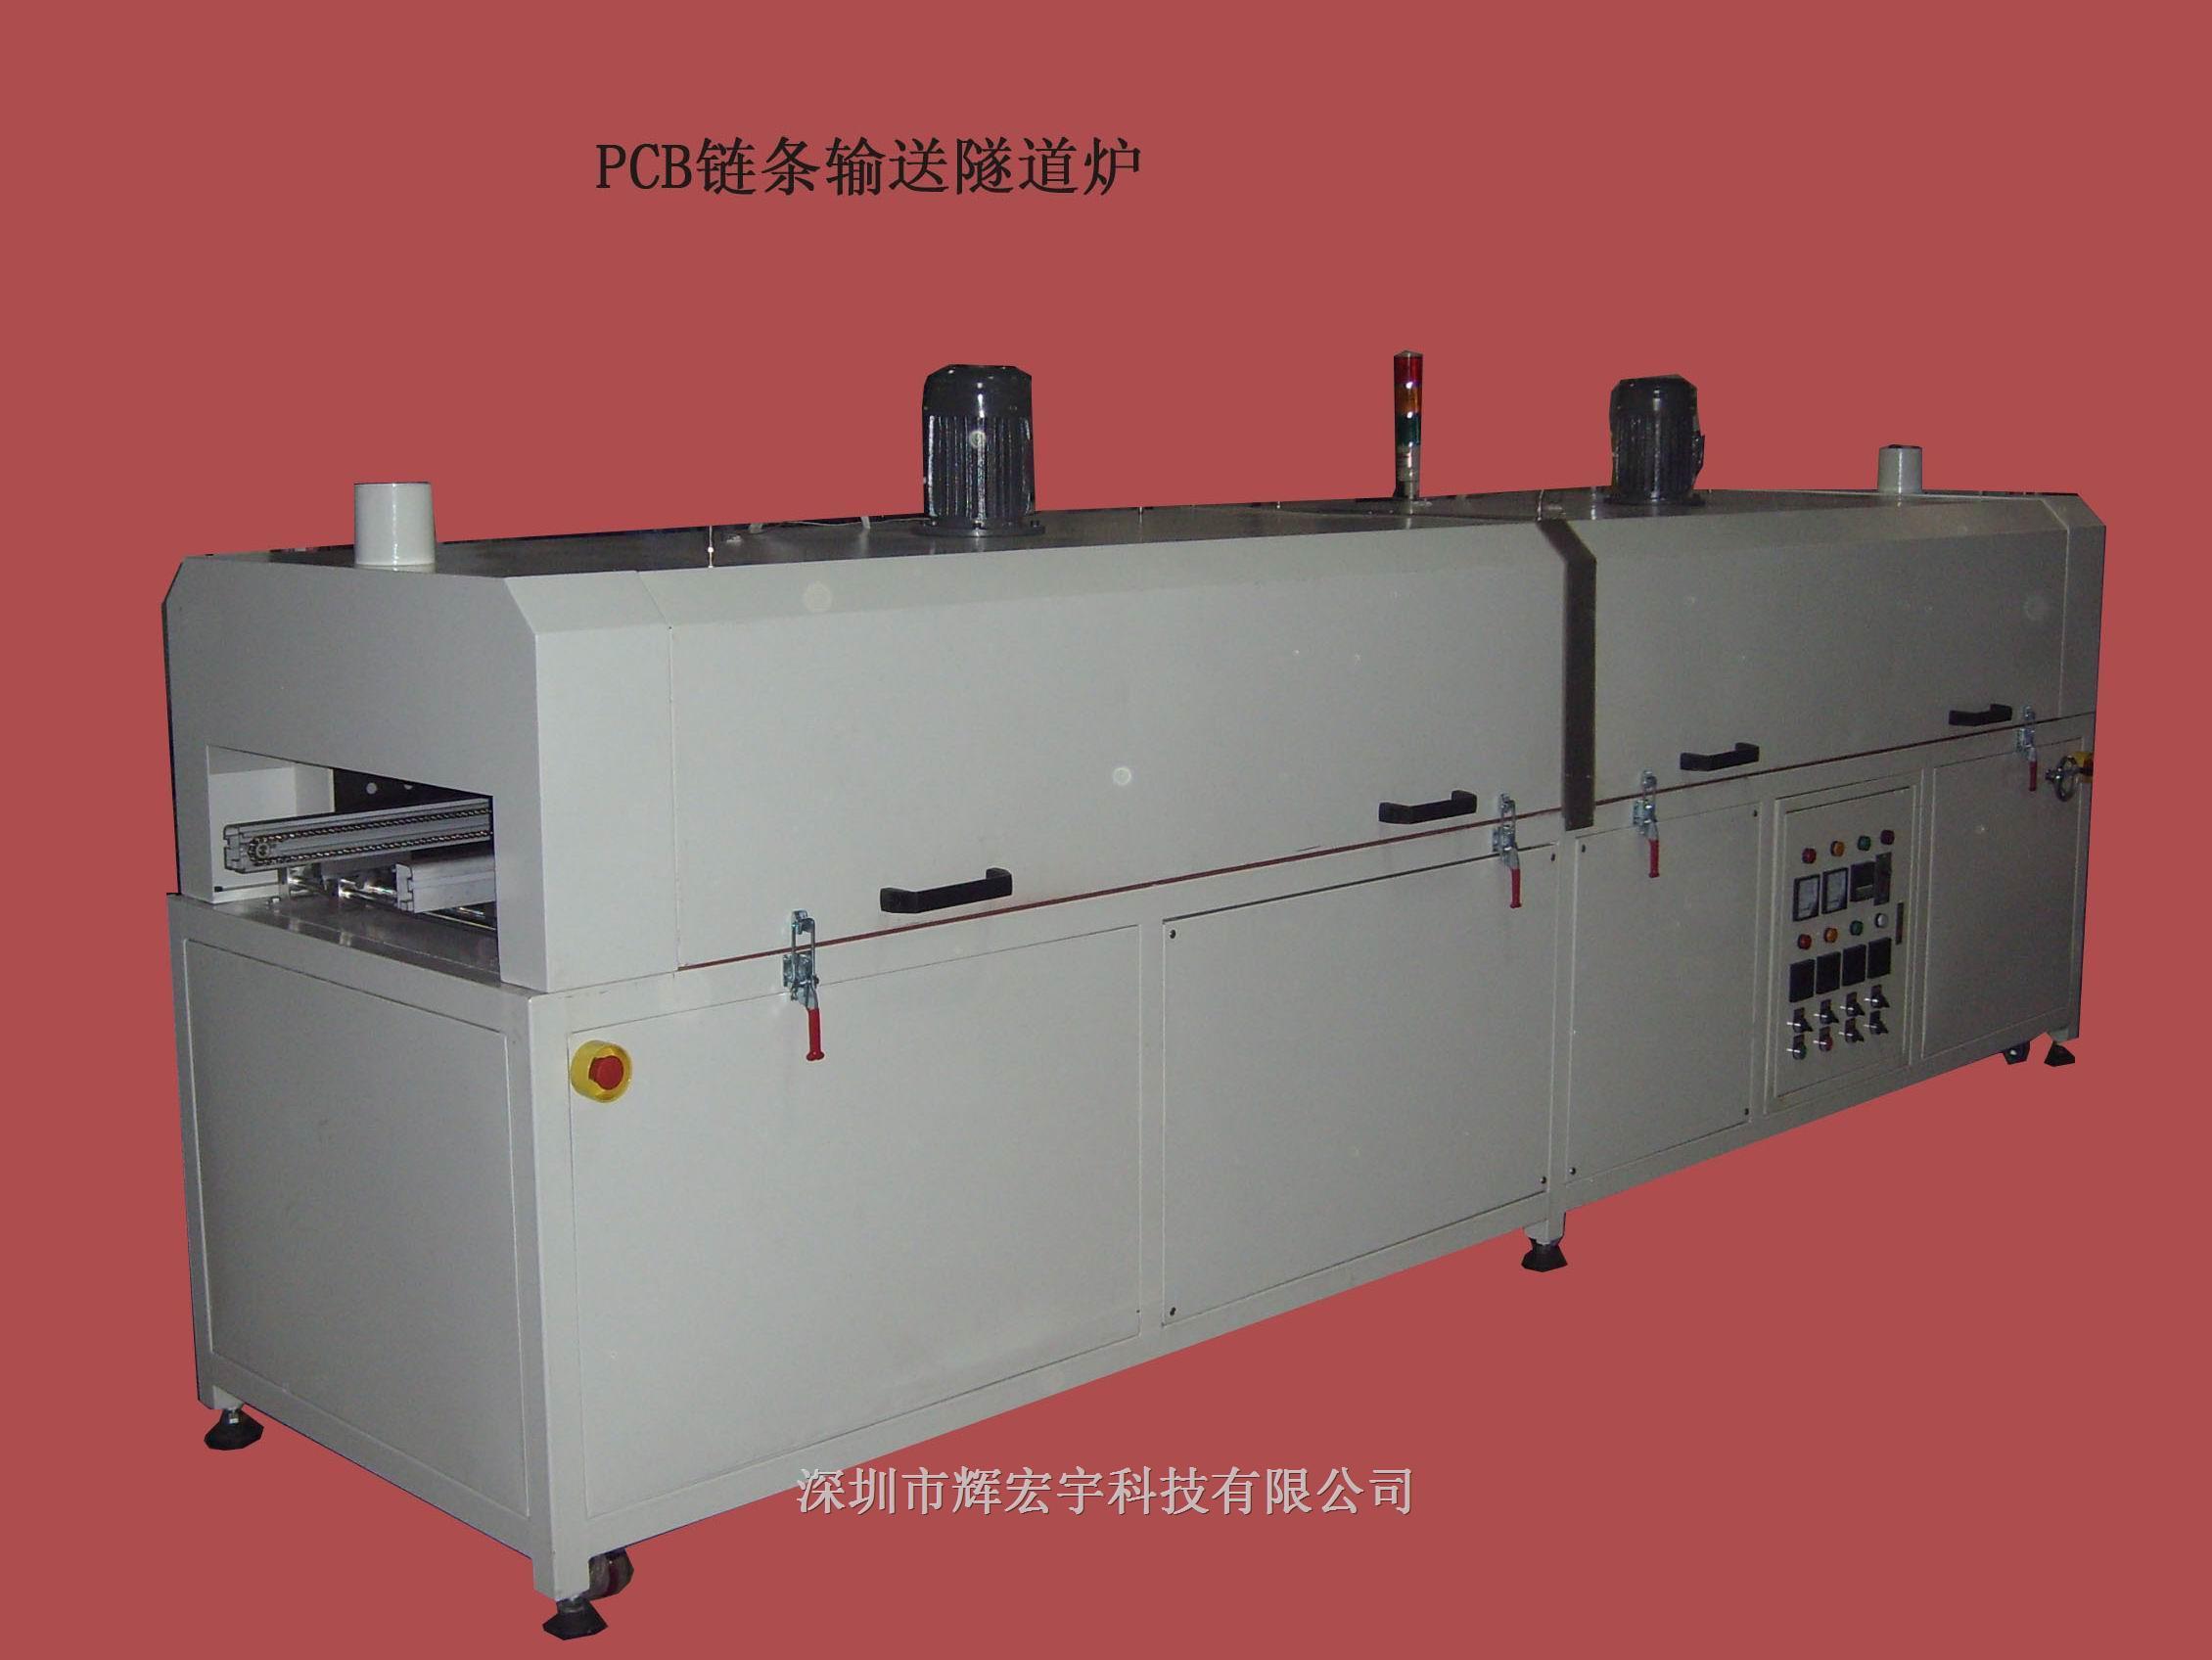 pcb电路板隧道炉,pcb线路板烘干线